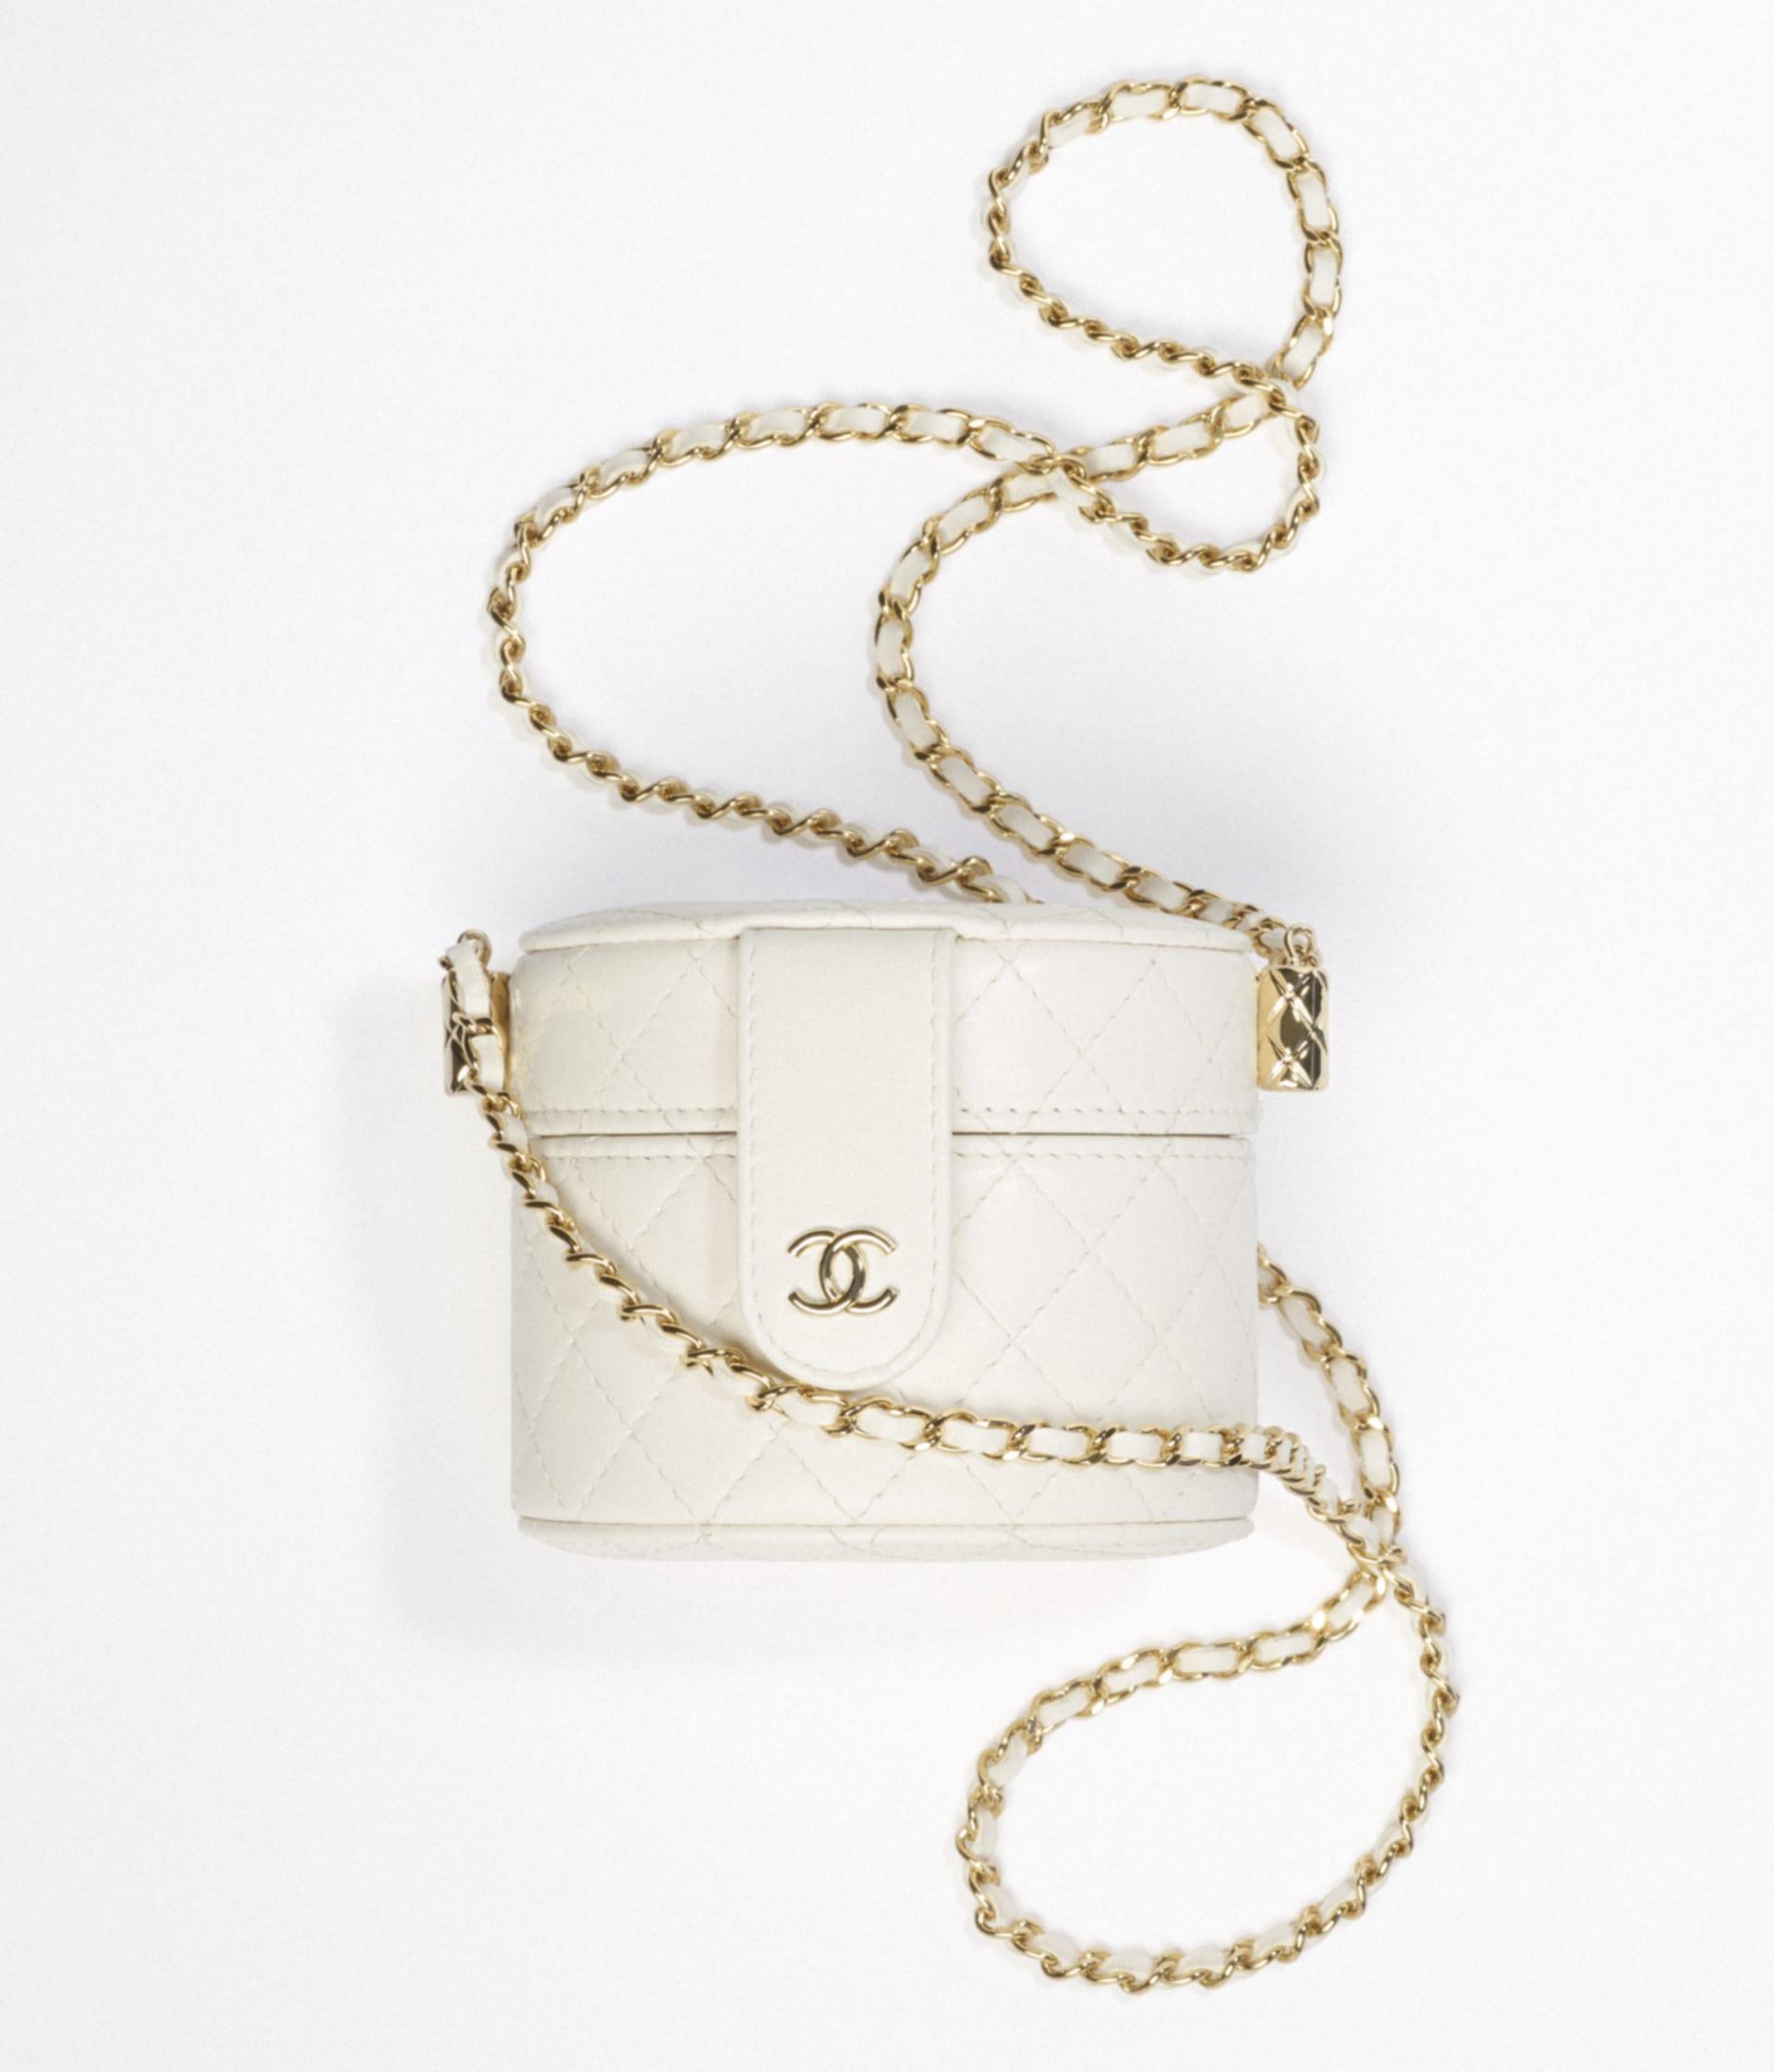 image 1 - Bolsa Vanity Pequena com Corrente - Couro de cordeiro granulado & Metal Prateado - Branco